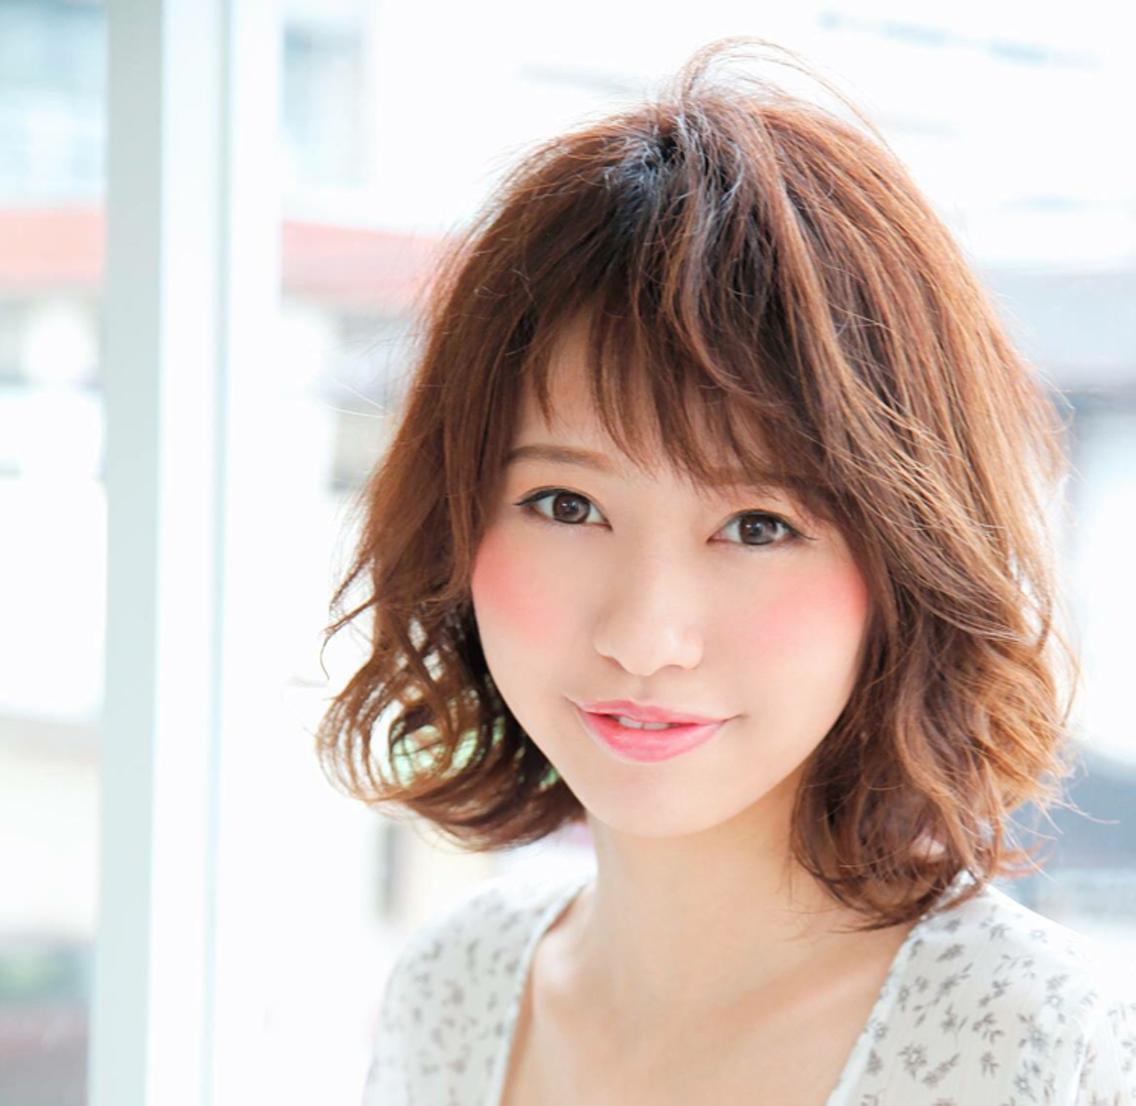 【近鉄大和八木駅からすぐ】4月ミニモ様限定クーポン!カラー¥4000(●¨●)  撮影モデルさんも募集してます!